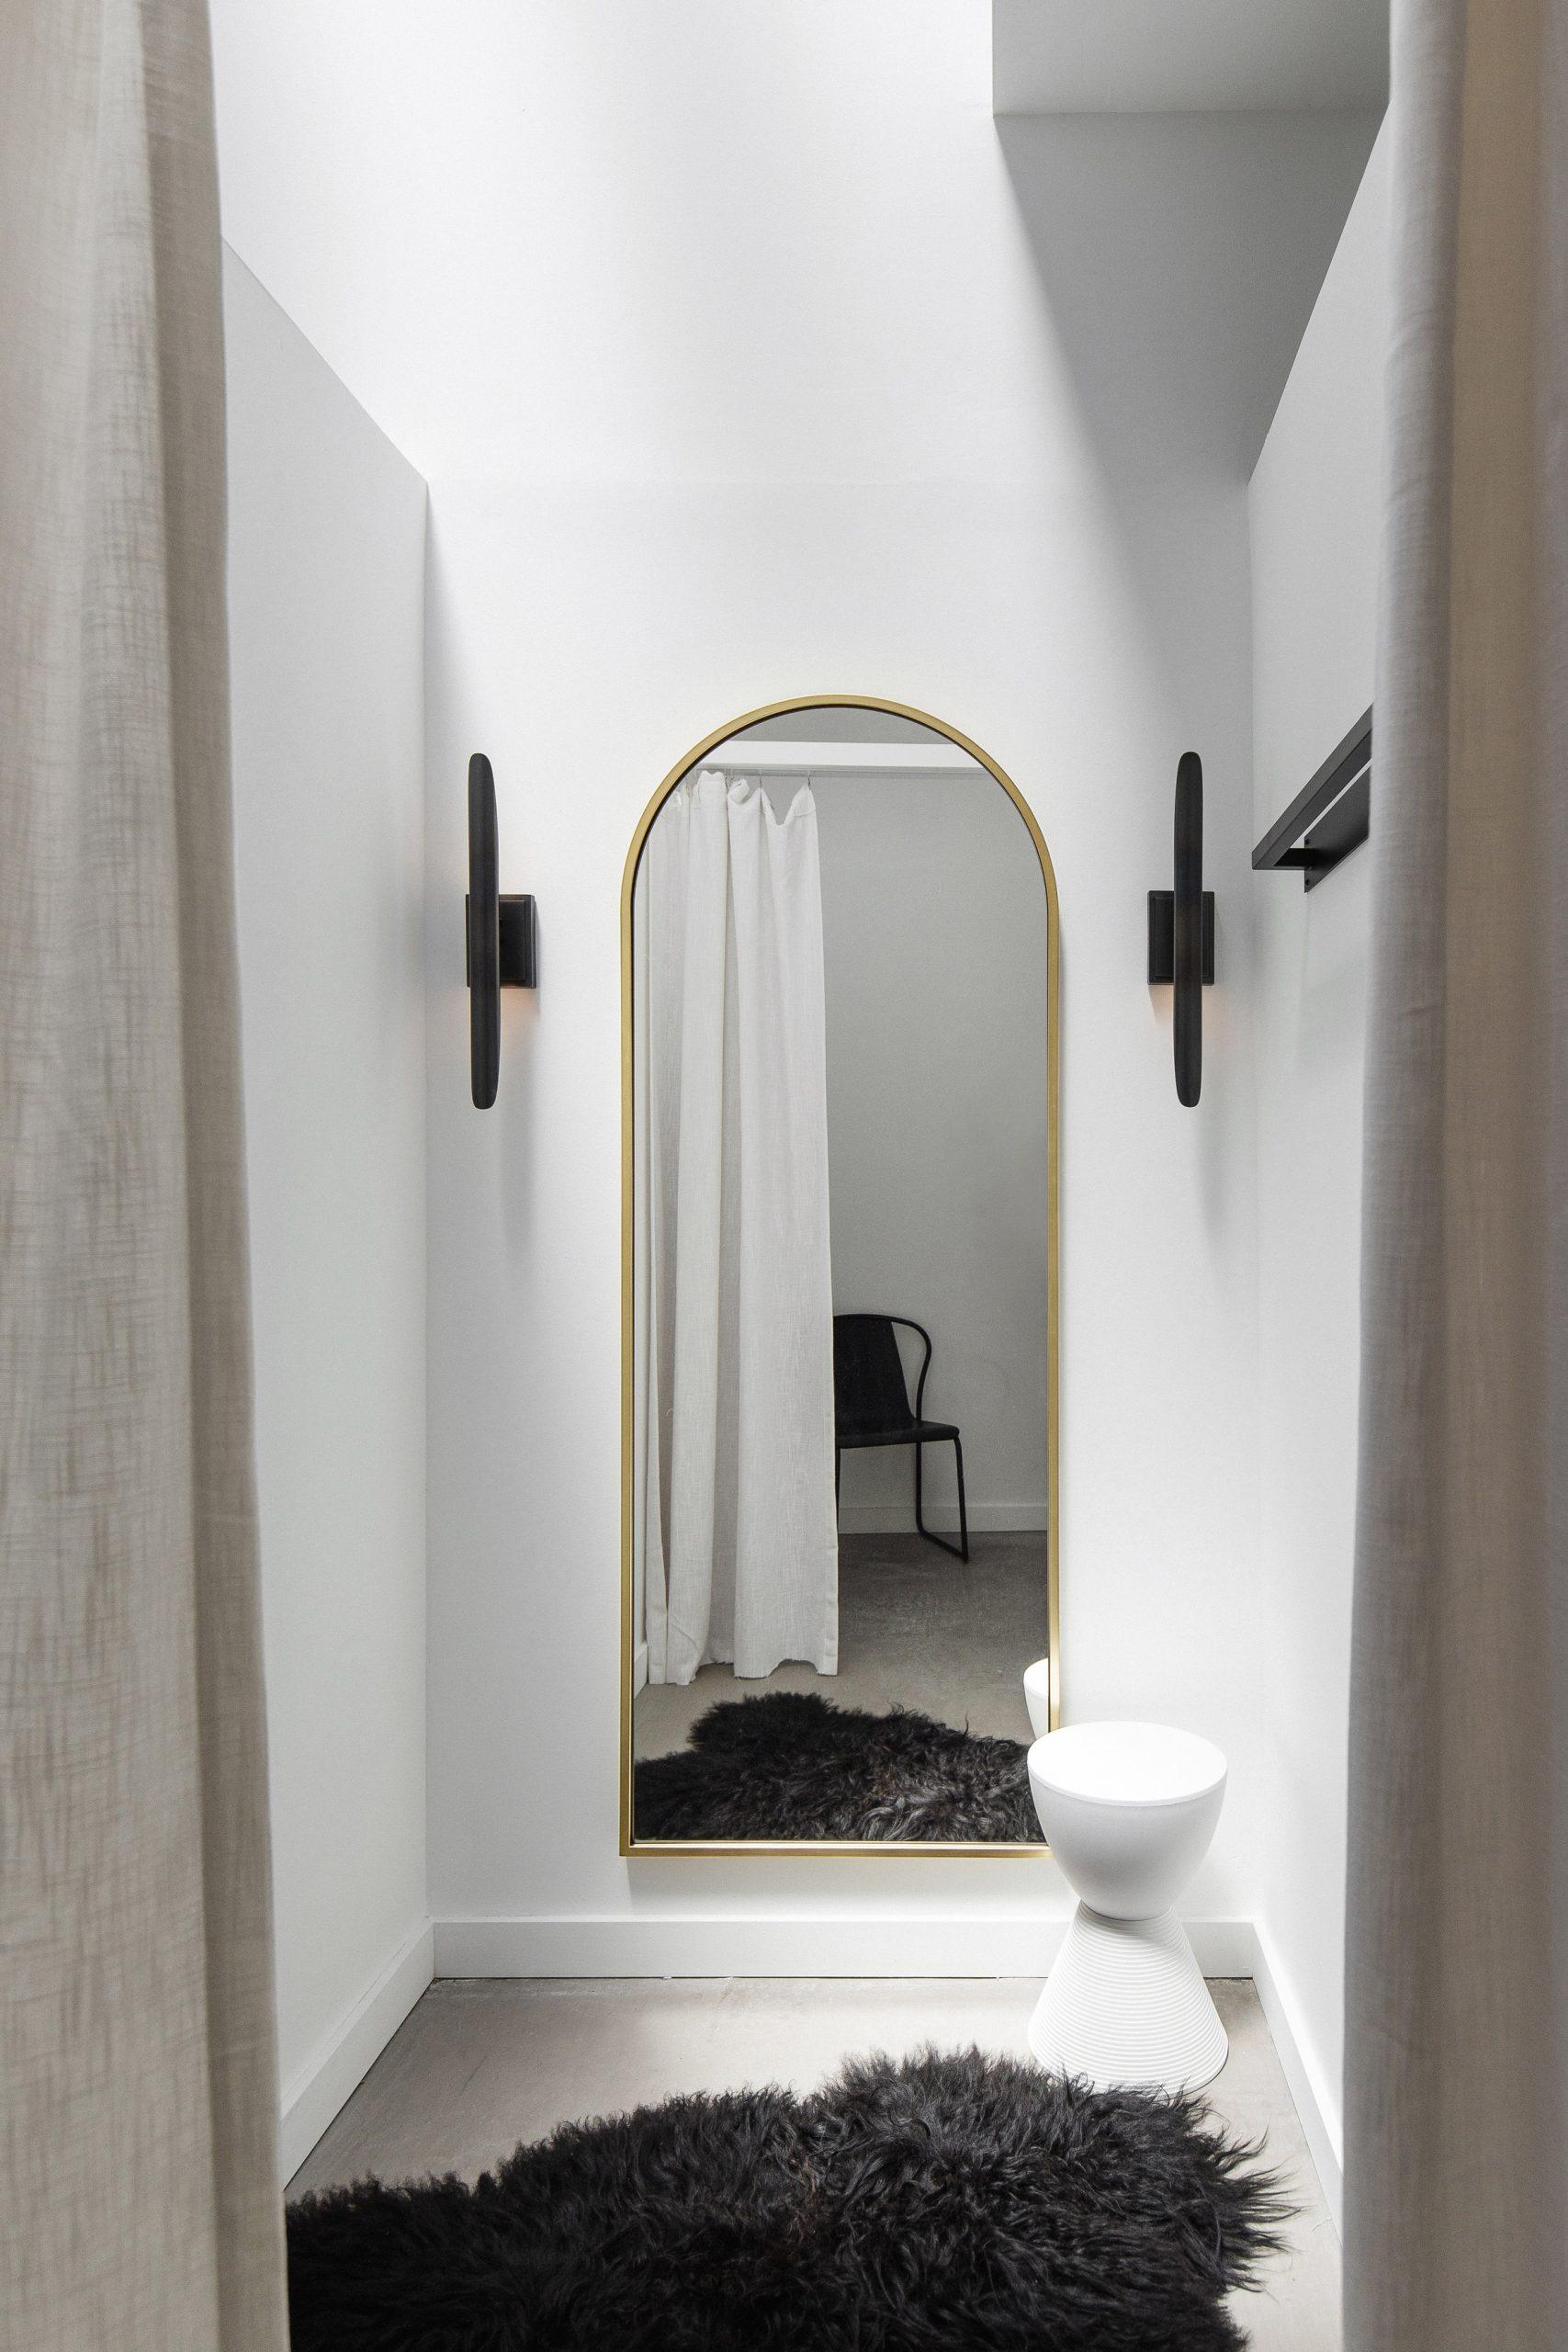 Thiết kế nội thất chung cư hiện đại 7